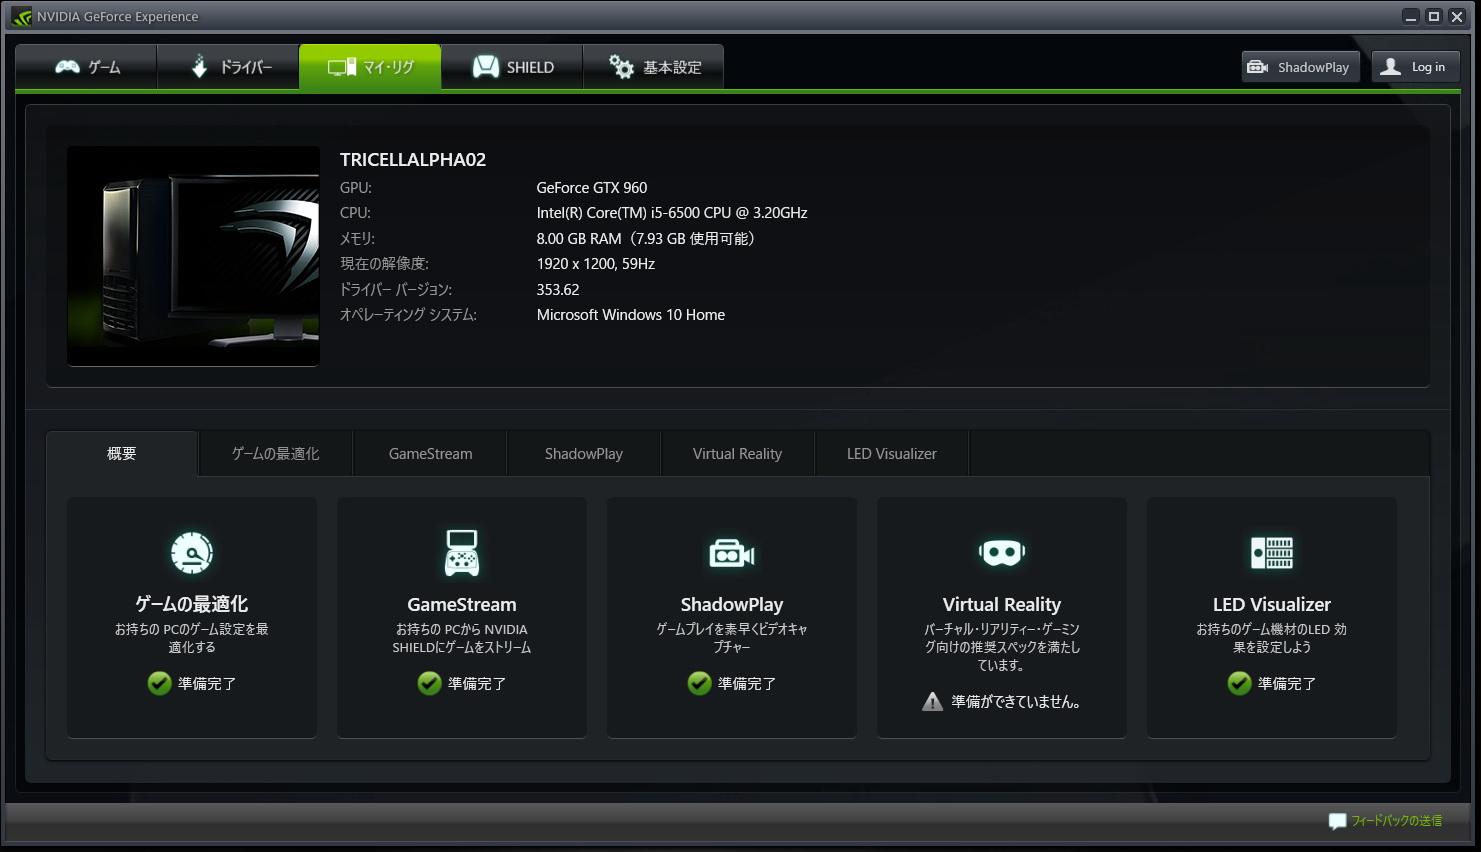 Windows上でアプリ「GeForce Experience」を起動するとこの画面が表示される。まずは「GeForce Experience」の「マイ・リグ」タブにある「ShadowPlay」を選択。このとき使用できるようになっていれば、「準備完了」にチェックが入っている